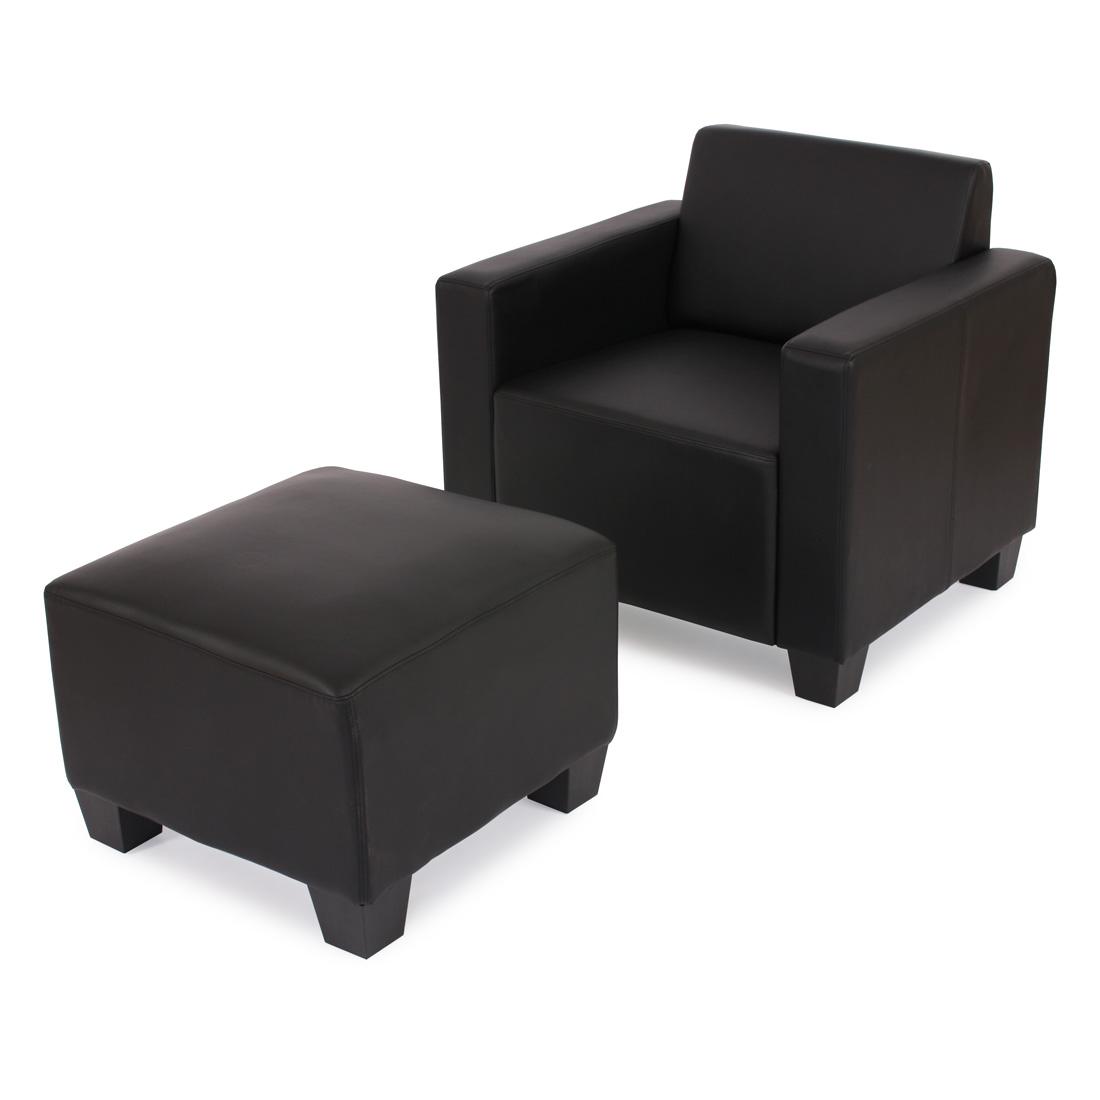 modular sessel loungesessel mit ottomane lyon kunstleder schwarz. Black Bedroom Furniture Sets. Home Design Ideas